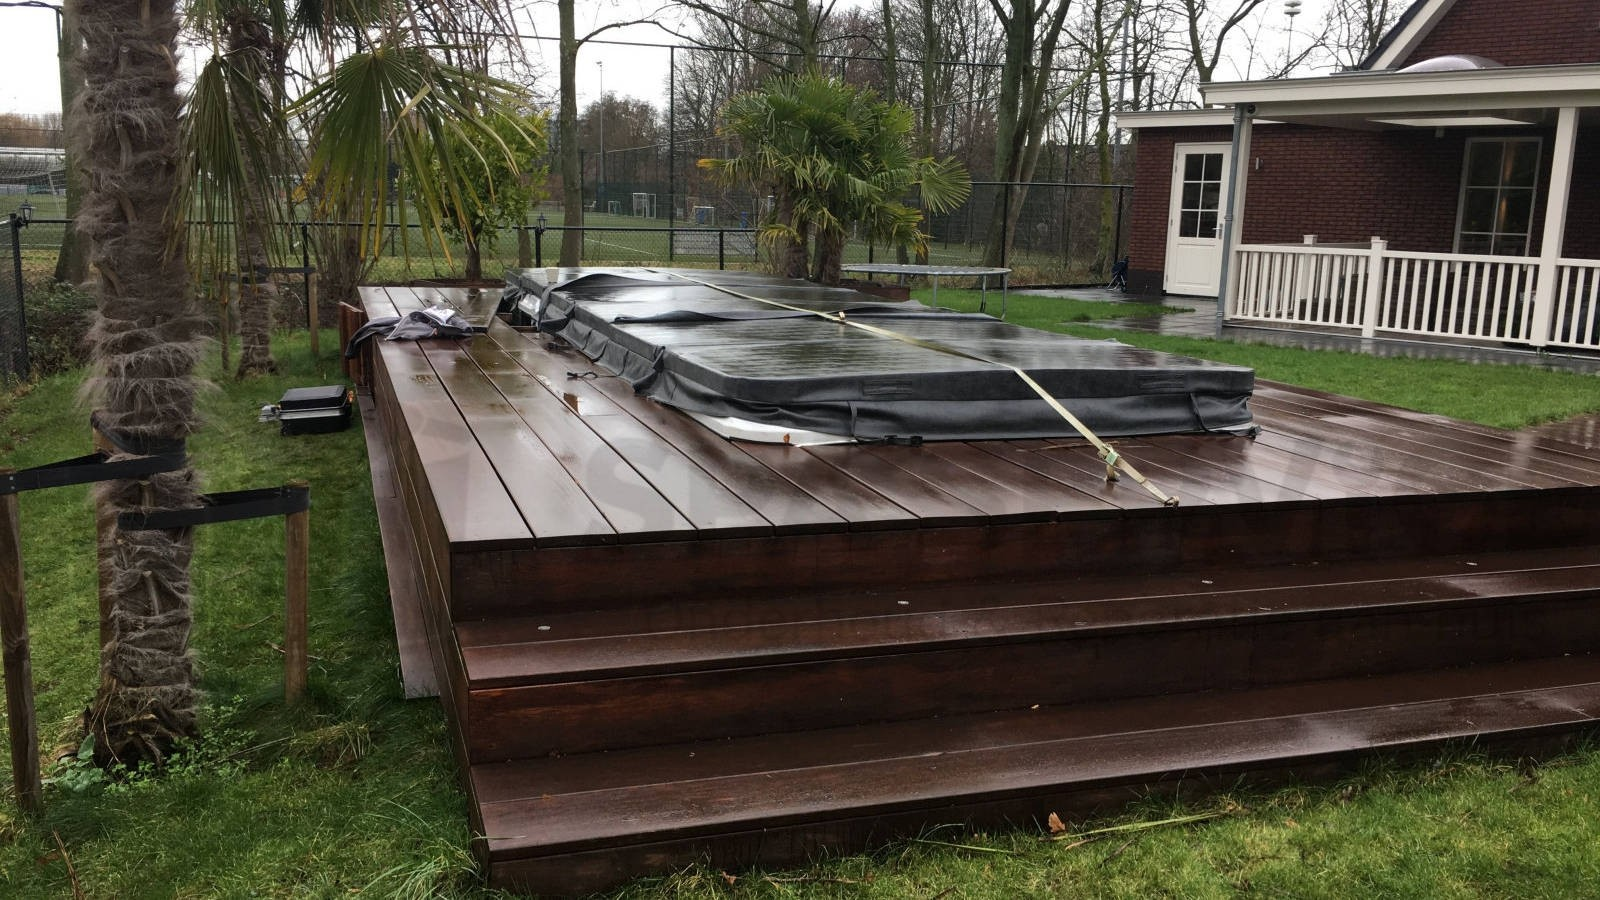 Reparatie centrale verwarmingseenheid van een Passion DUO Swimspa in Capelle a/d IJssel